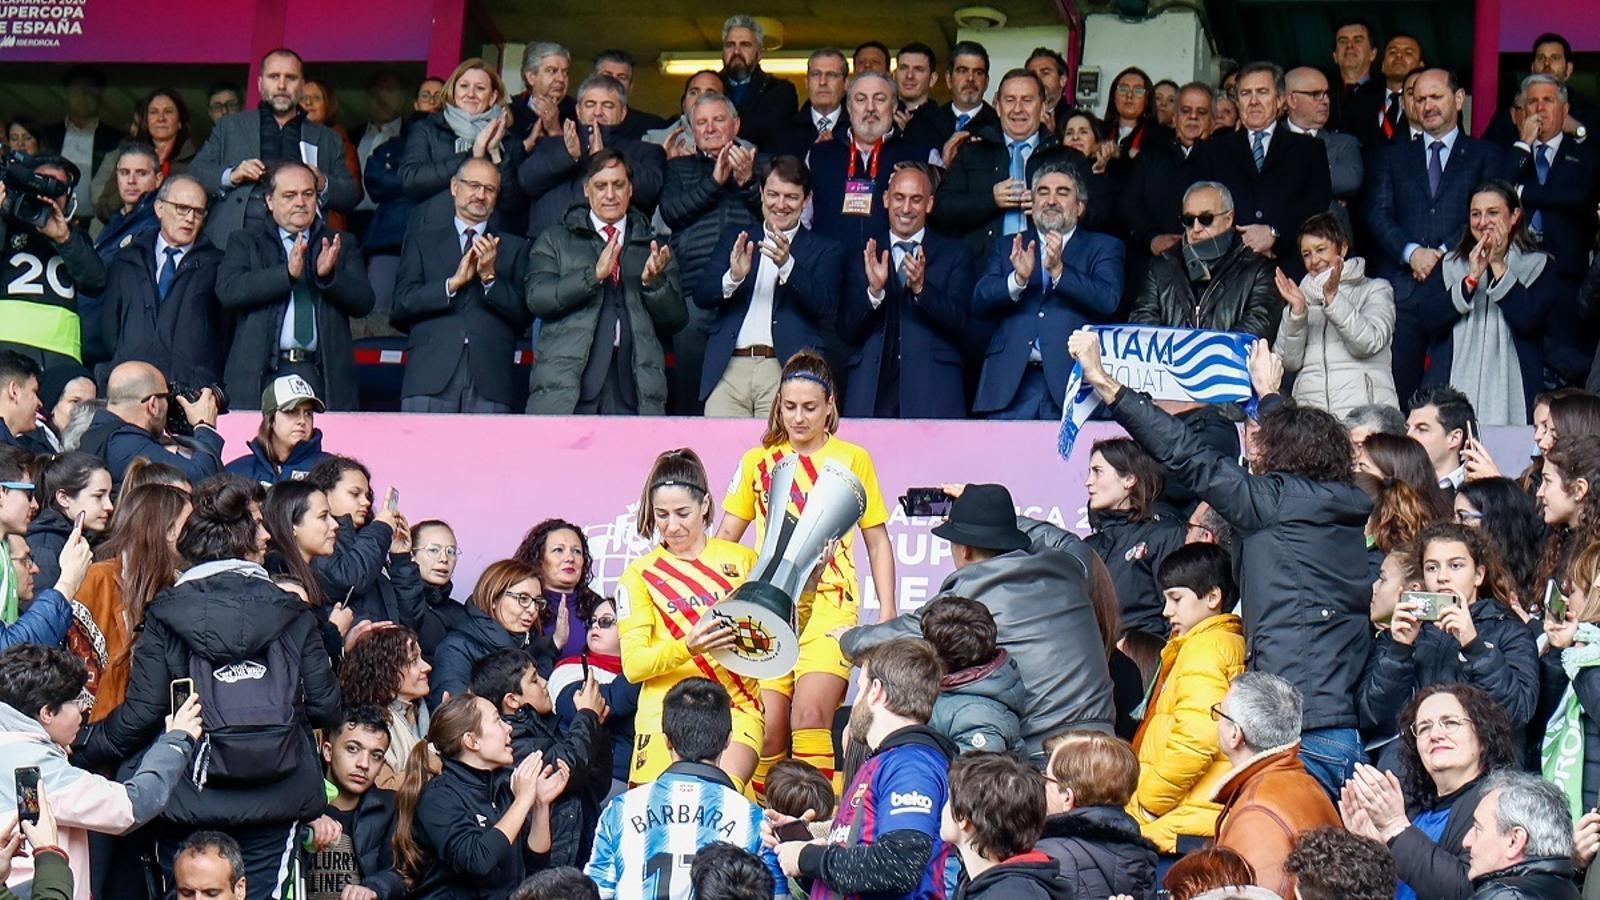 Les jugadores del Barça recullen la copa de campiones de la Supercopa femenina davant les autoritats